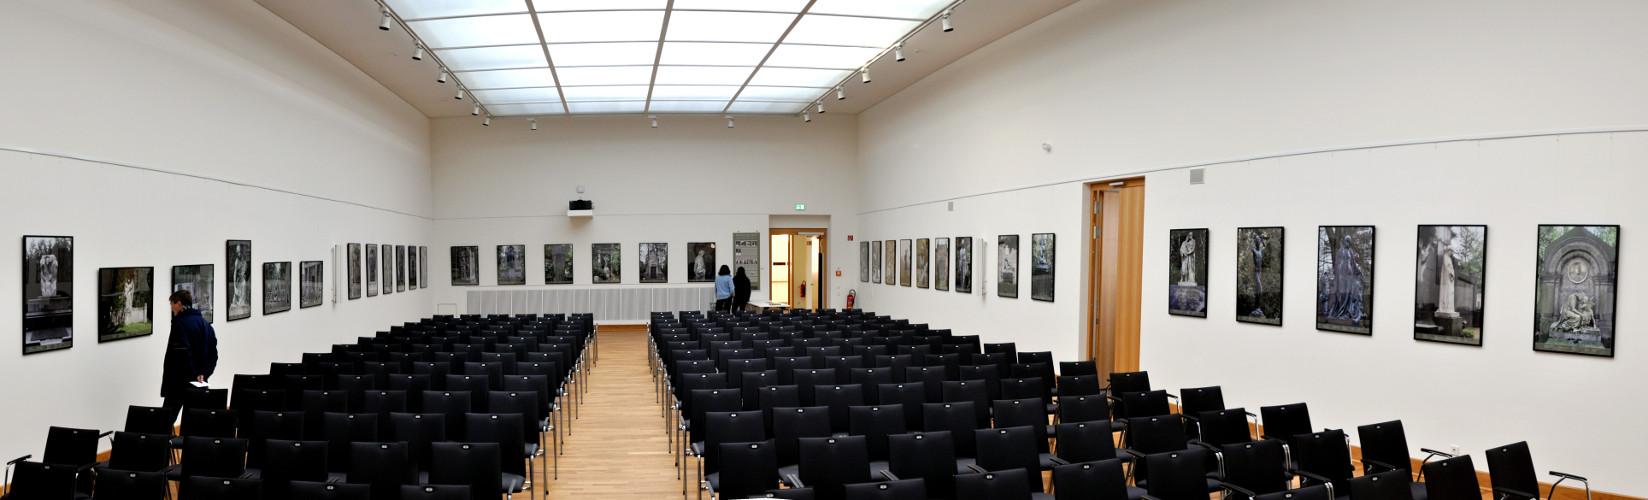 Oberlichtsaal Leipzig